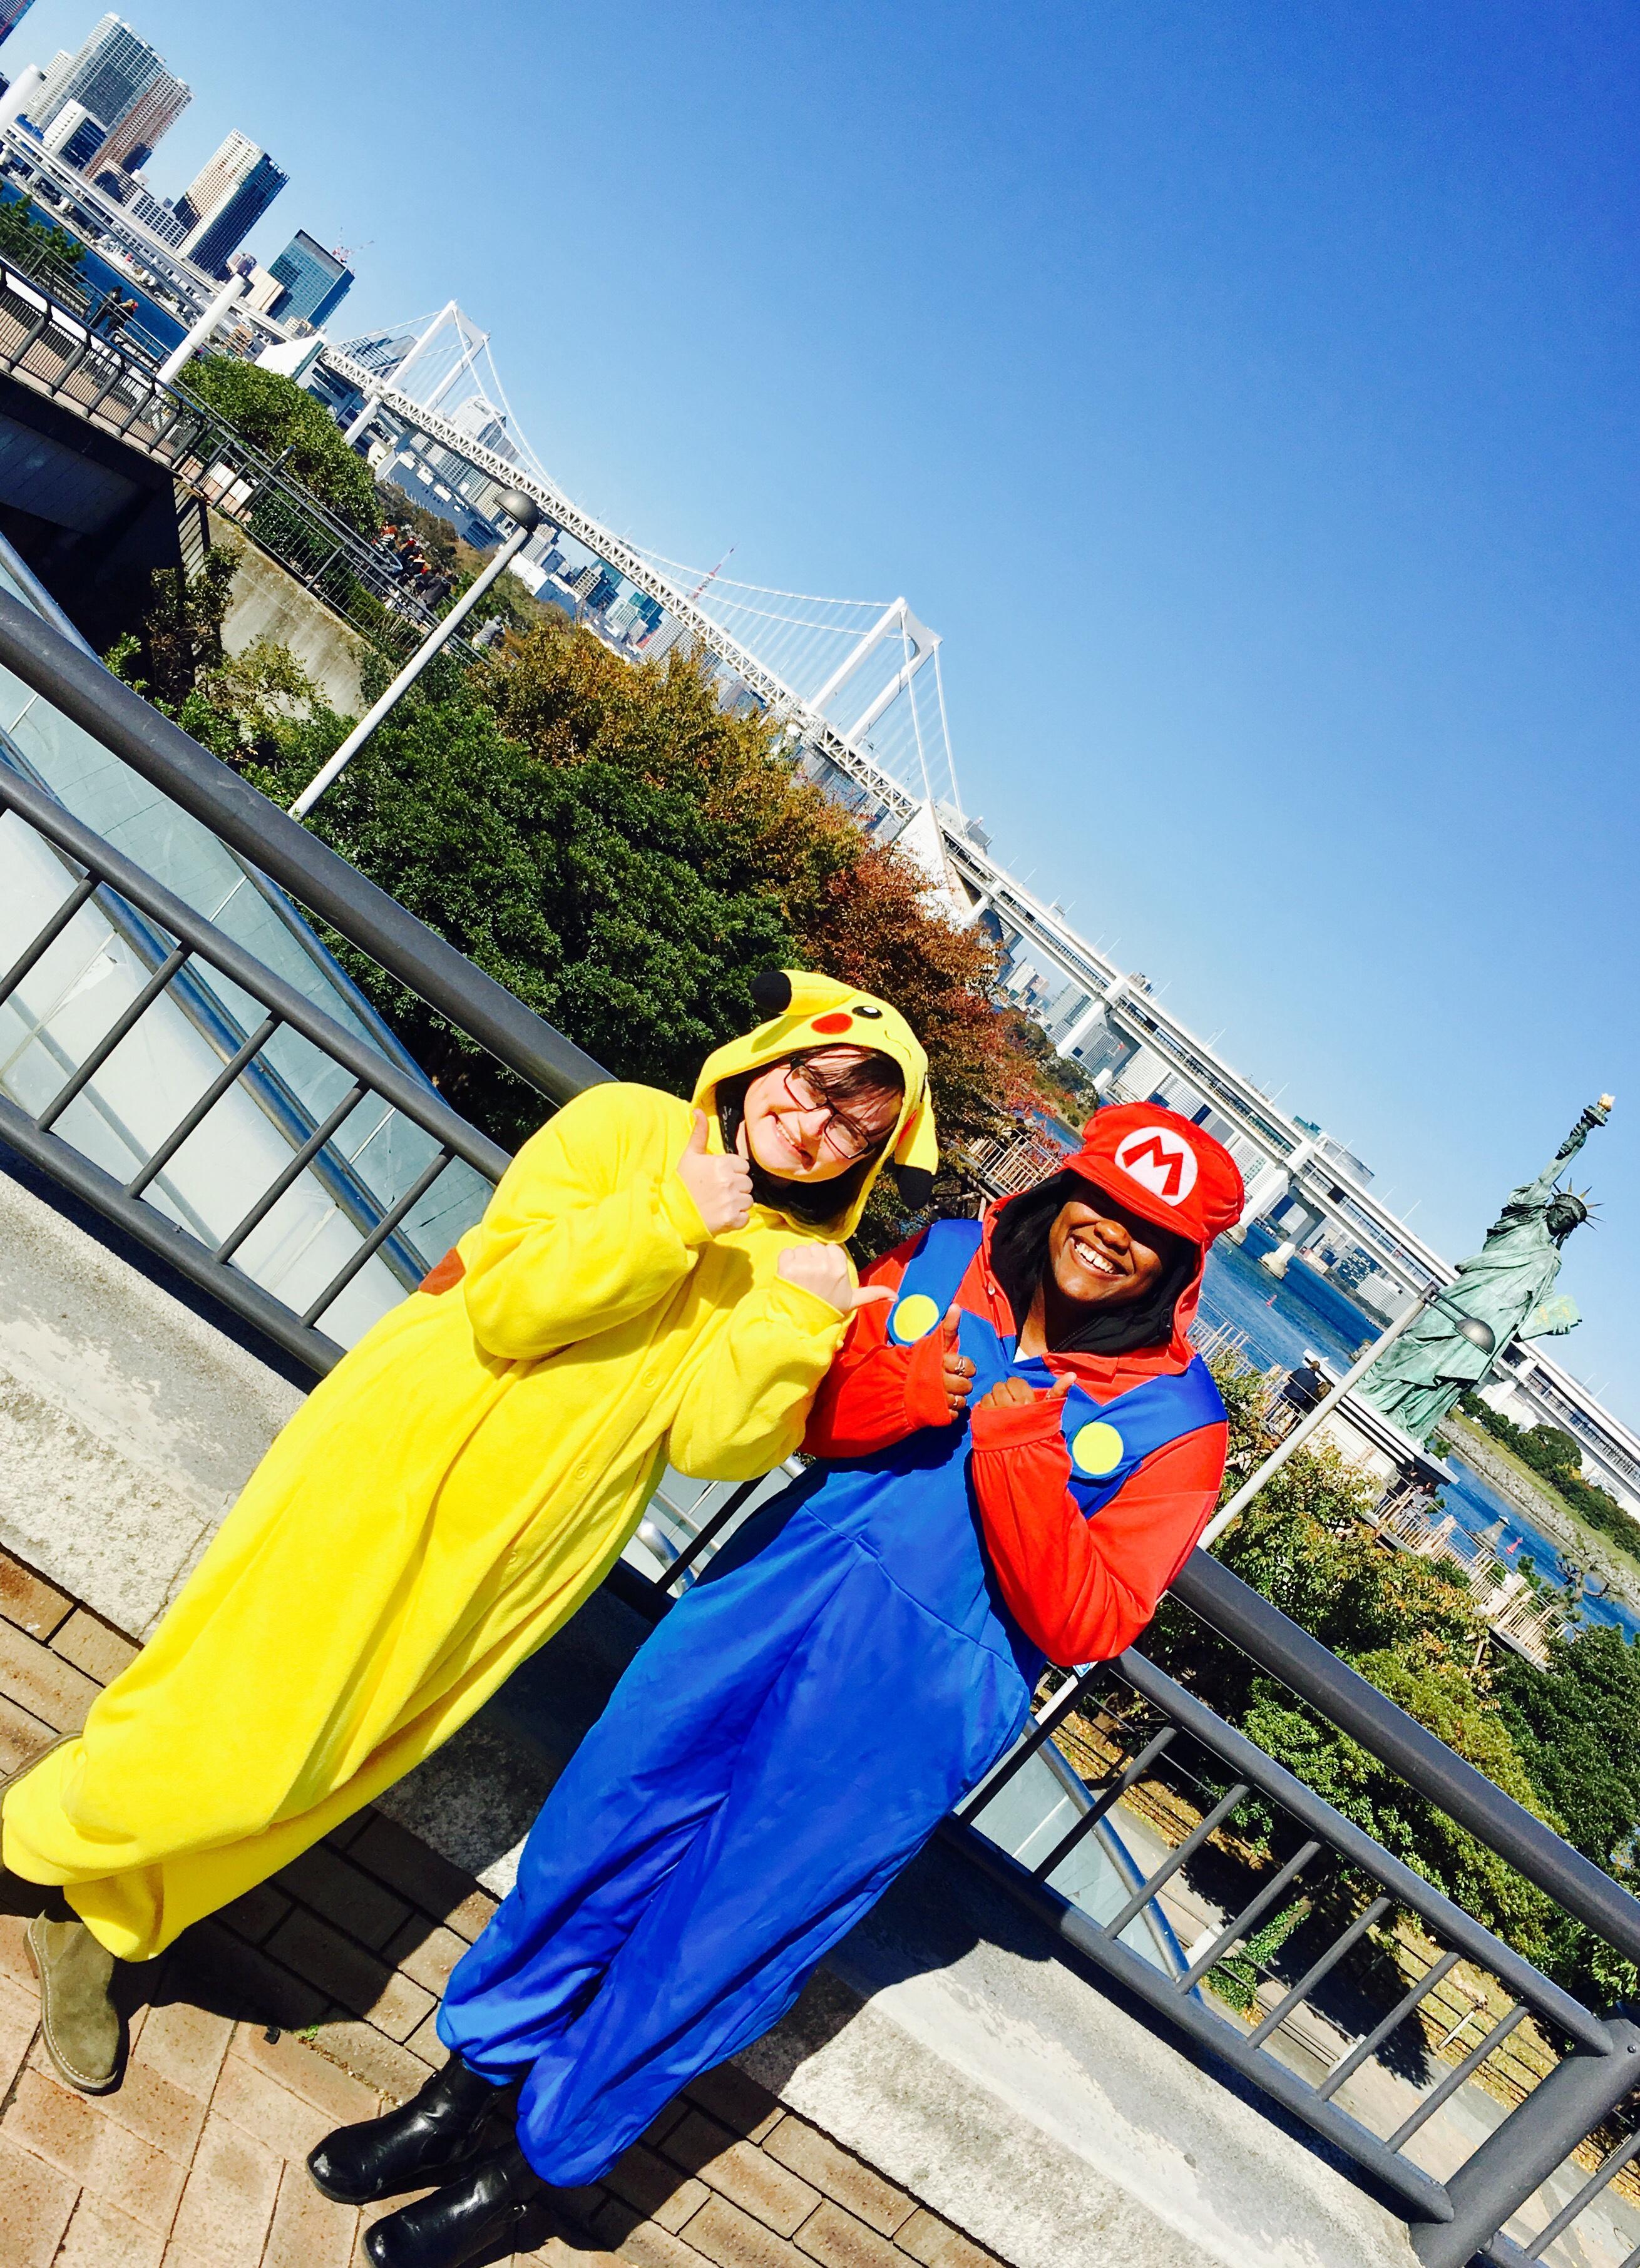 Pikachu & Mario - MariCar Tour